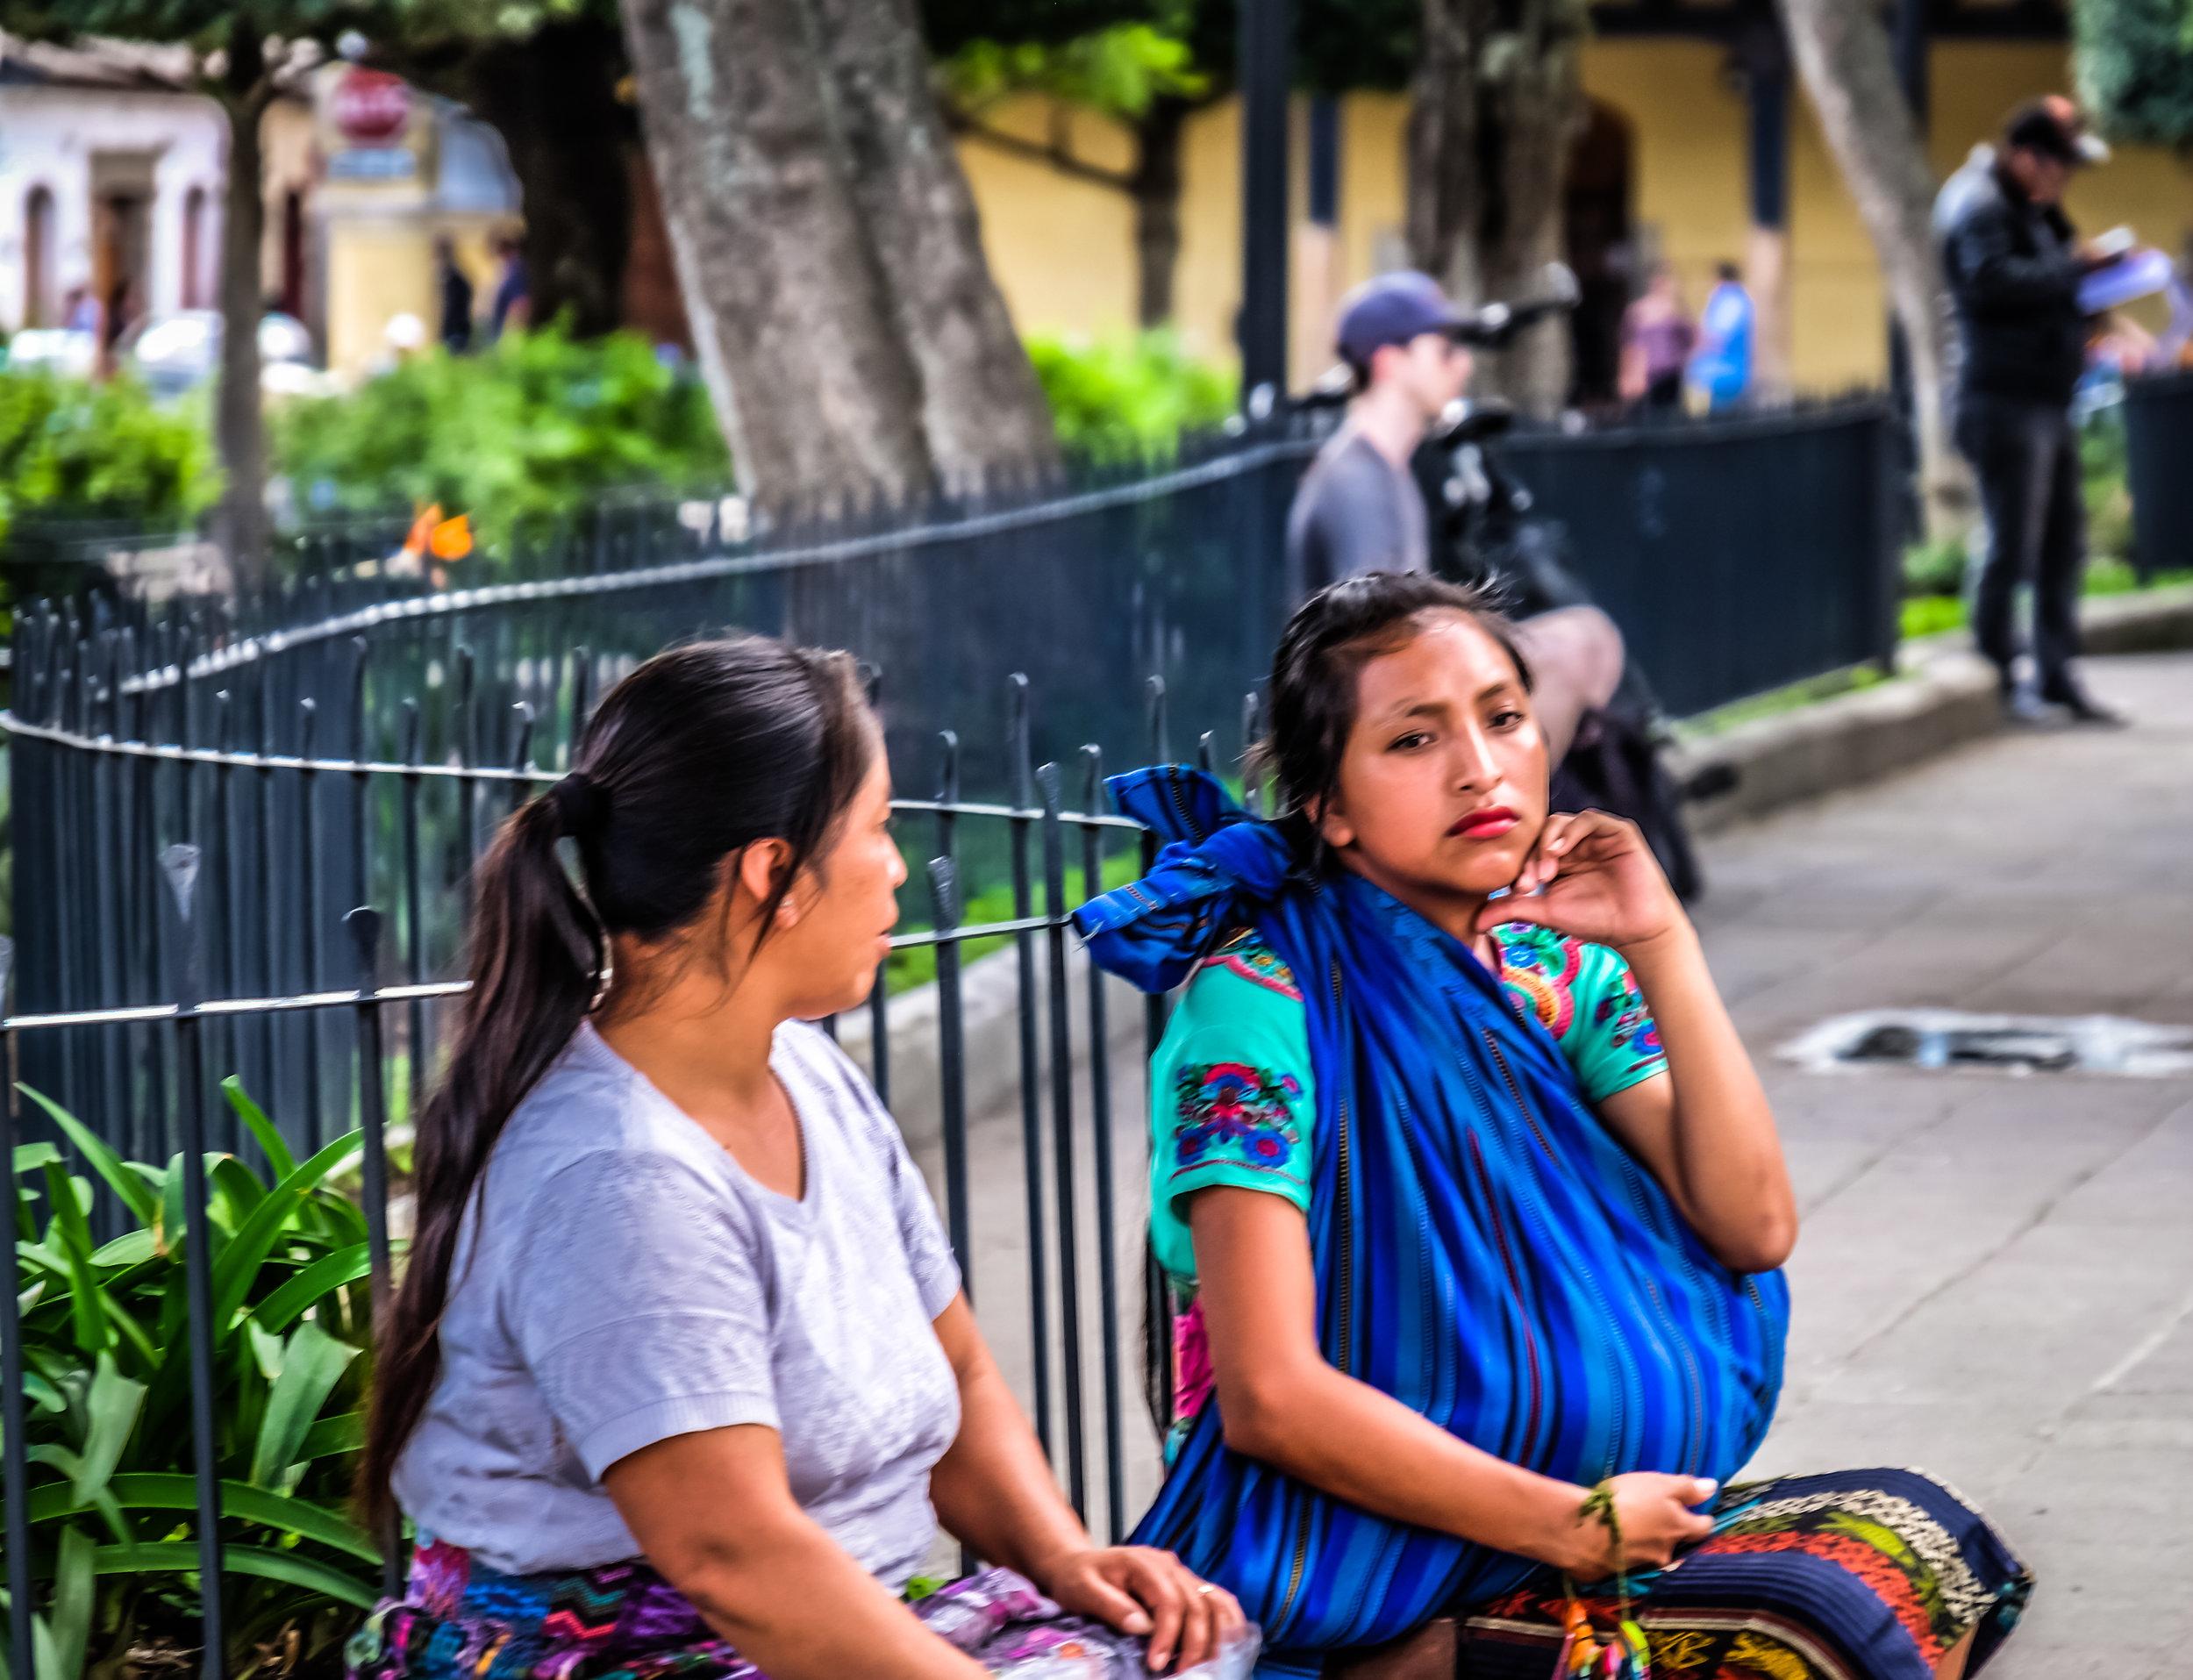 For Sale, Mayan vendors, Parque Central, Antigua, Guatemala